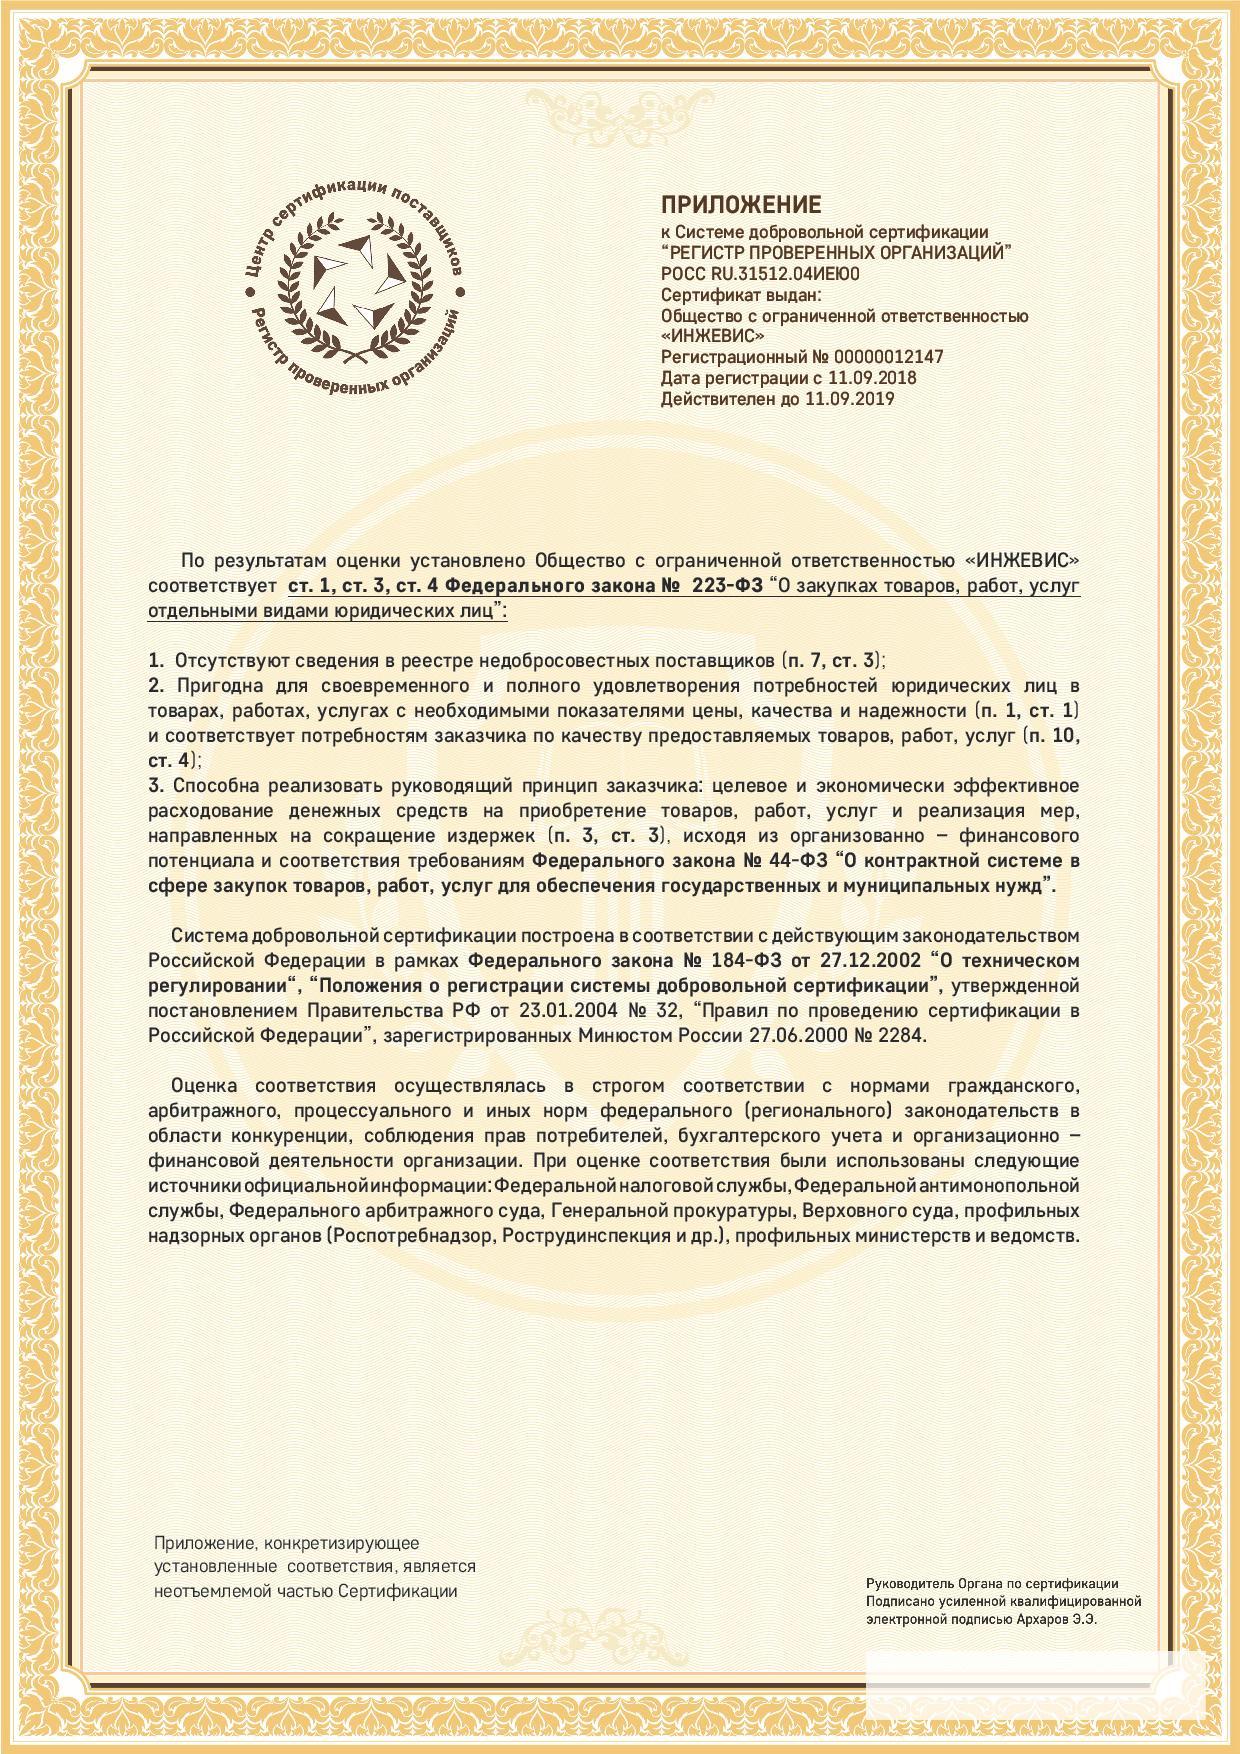 сертификат регистра проверенных организаций гост рпо